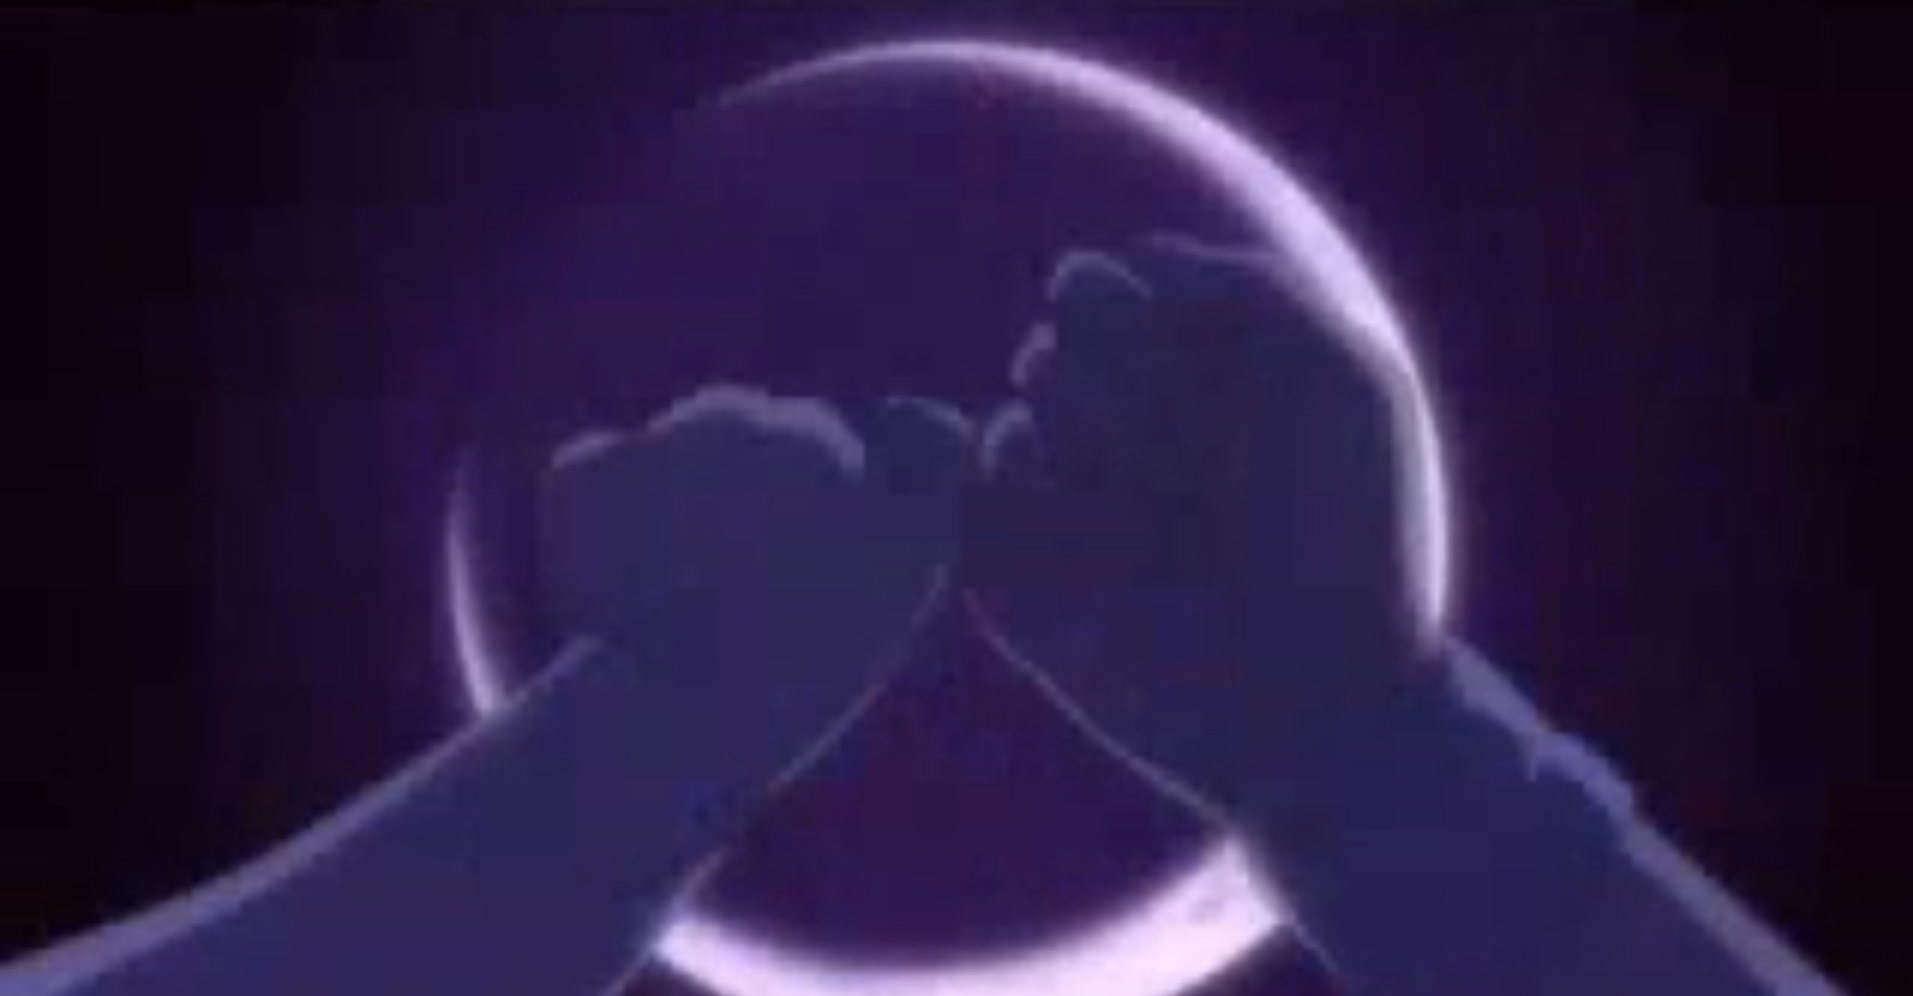 劇場版 NARUTO-ナルト- 大興奮!みかづき島のアニマル騒動(パニック)だってばよのシーン2